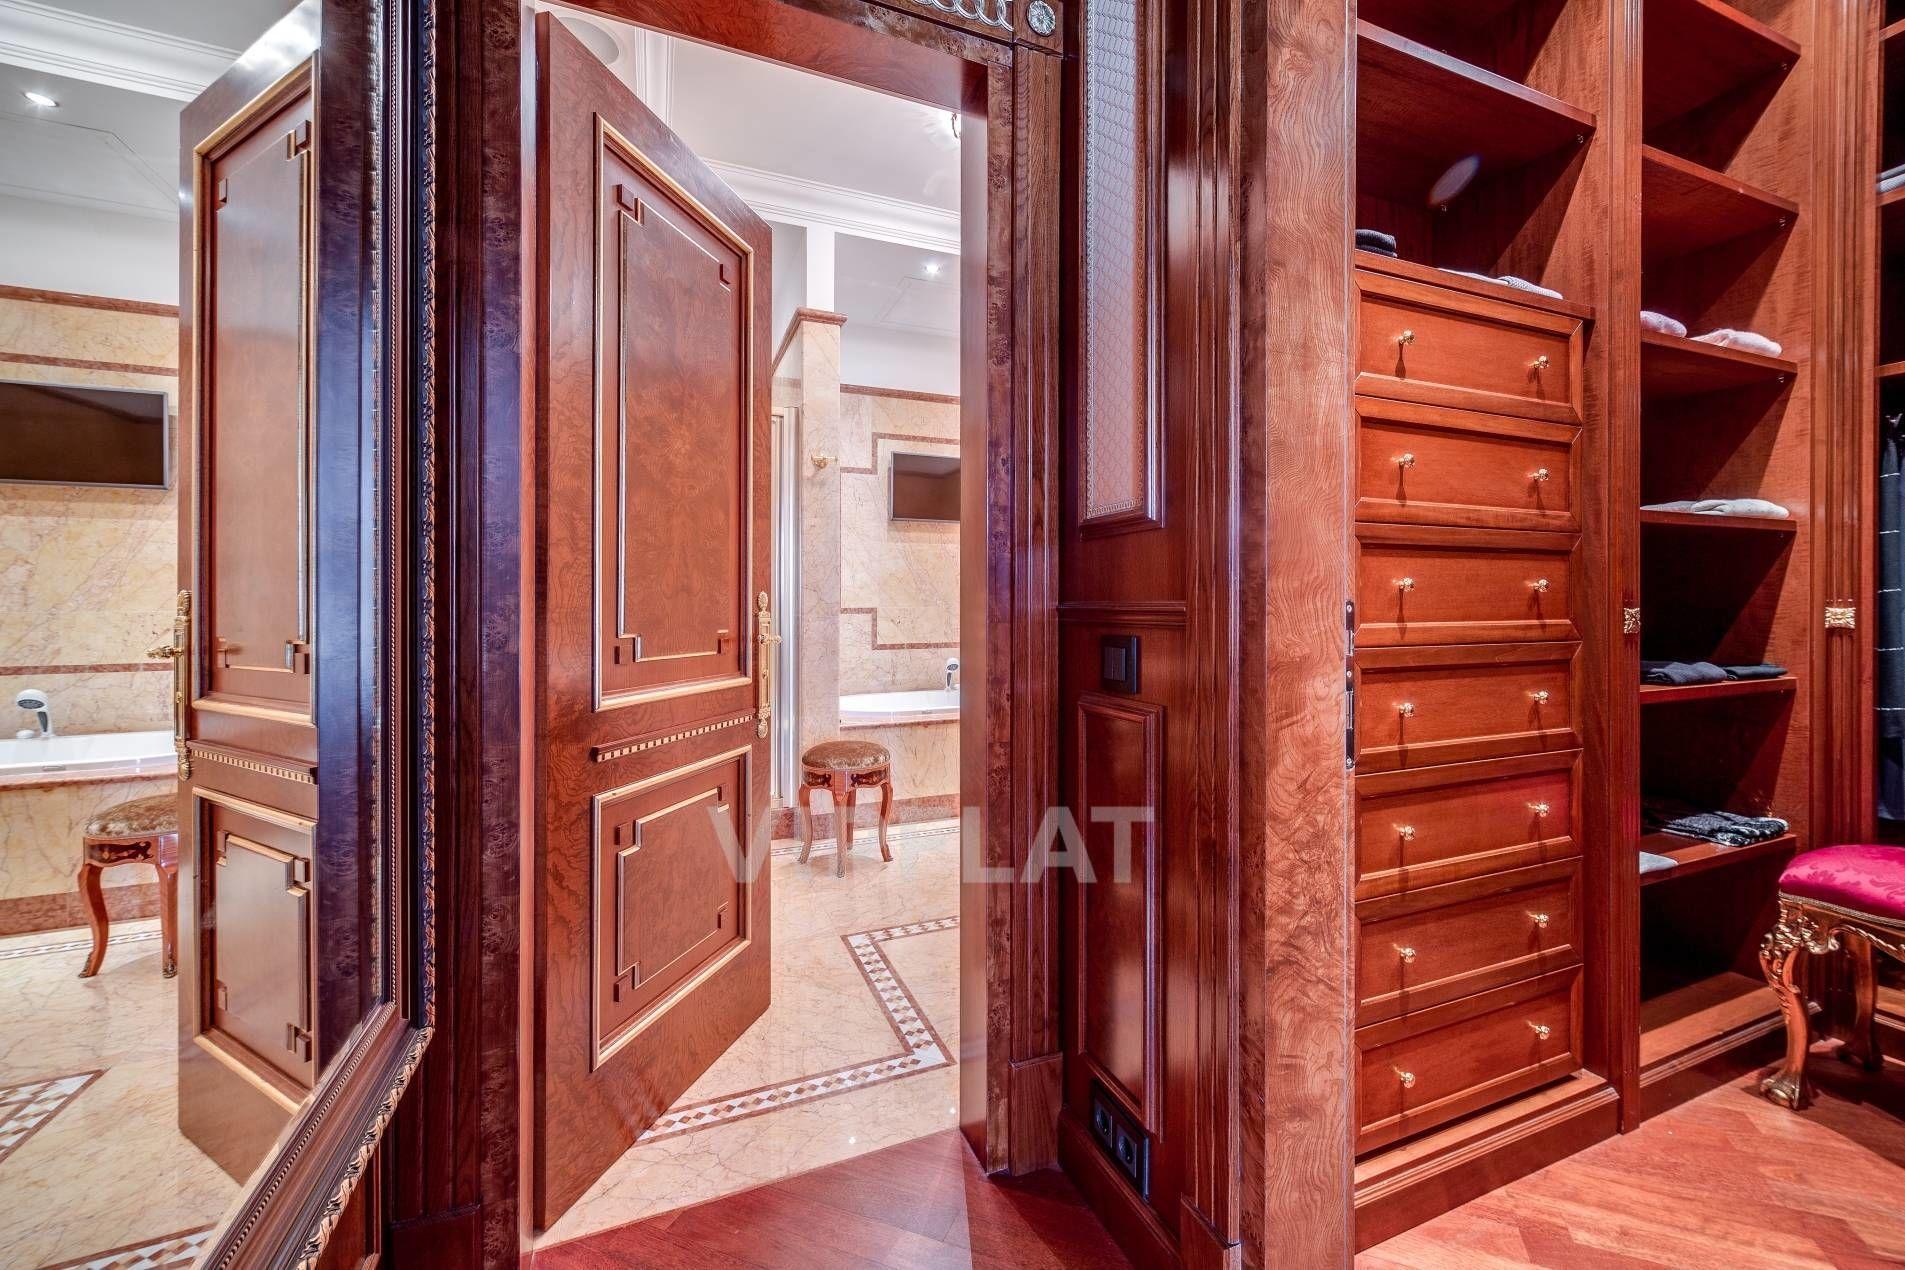 Продажа элитных квартир Санкт-Петербурга. Песочная наб., 12 Гардеробная и ванная комната